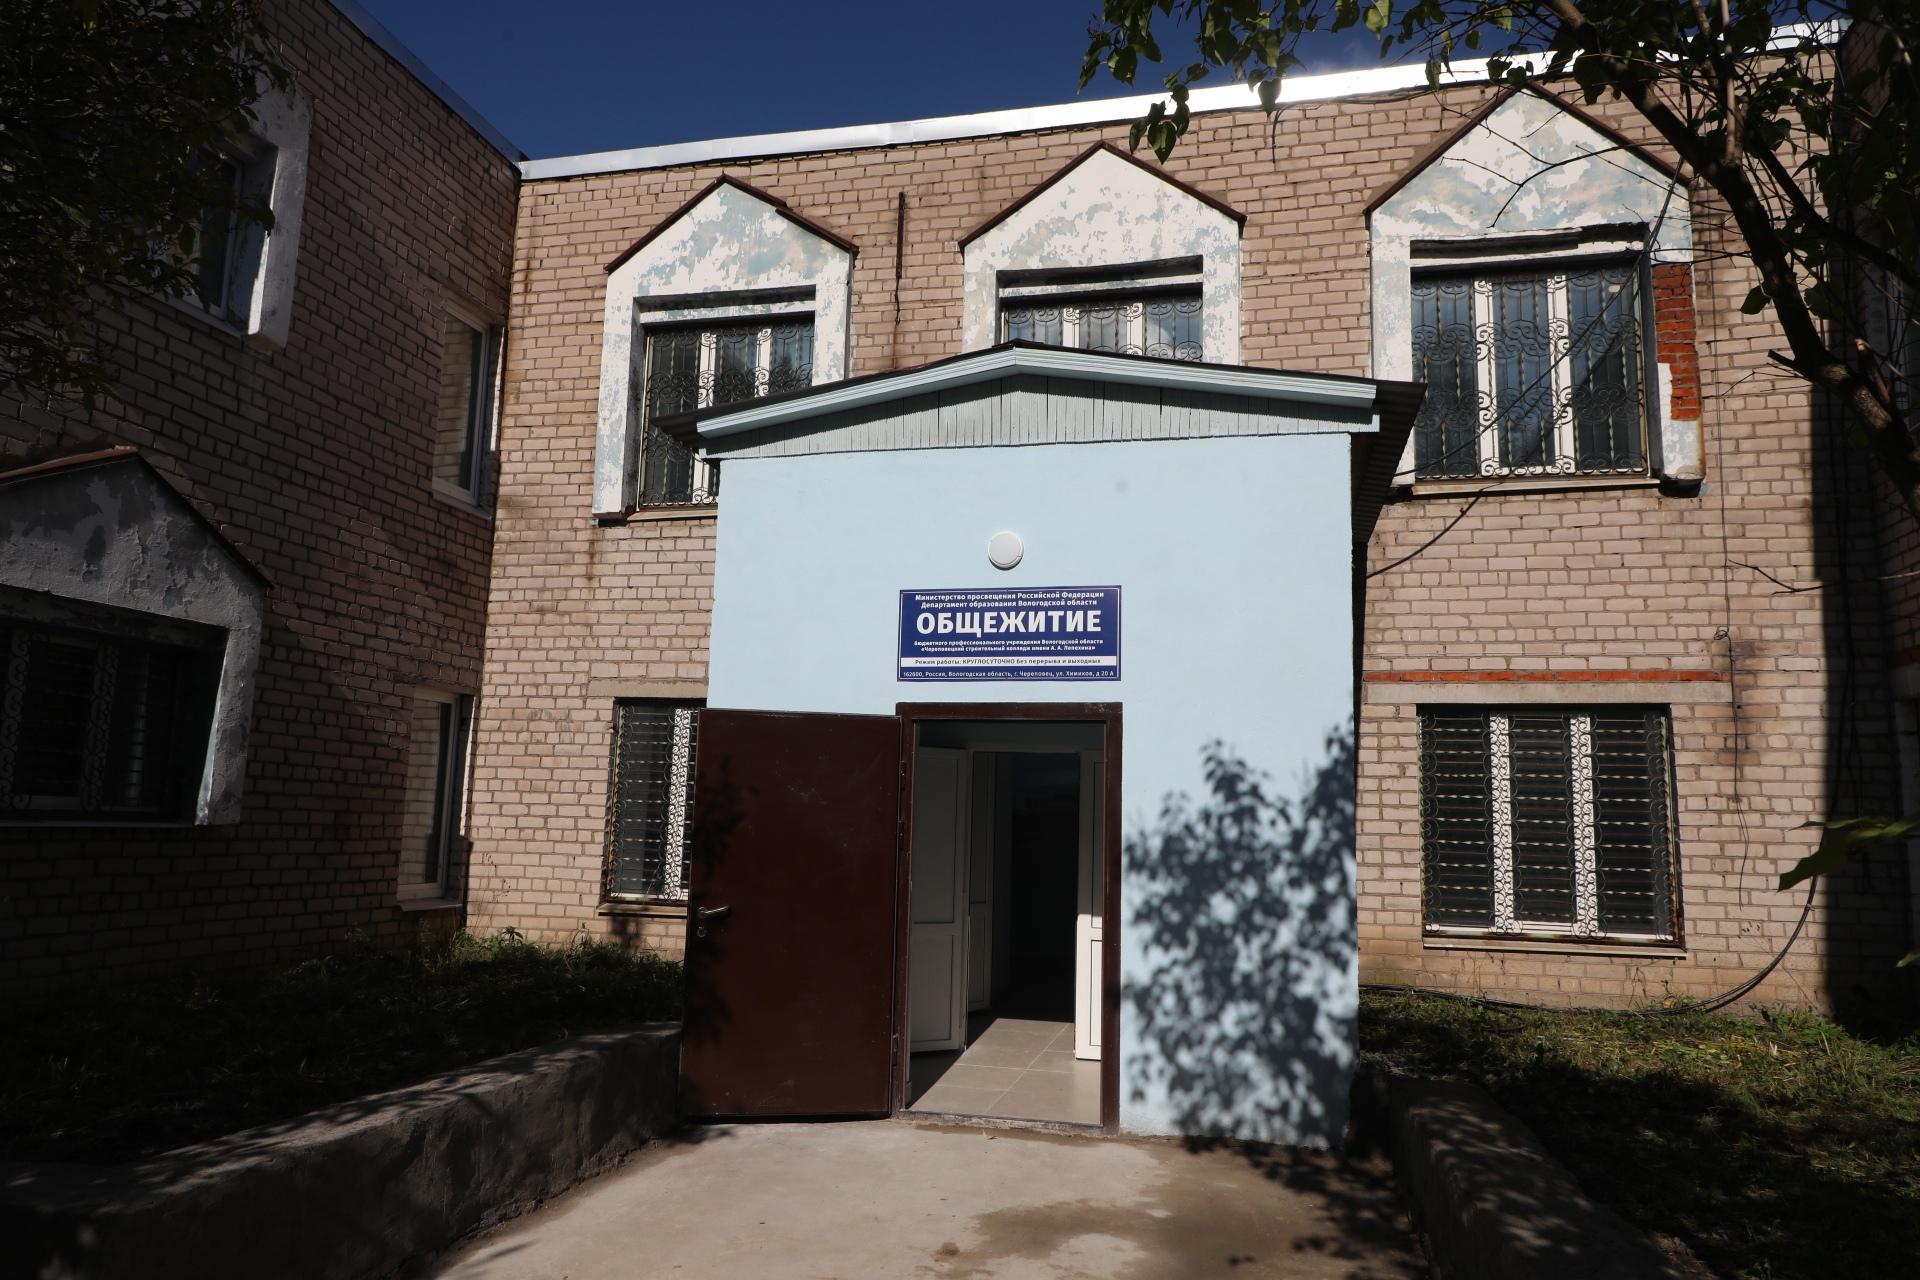 Сейчас двухэтажное здание переделывают в помещения для проживания студентов